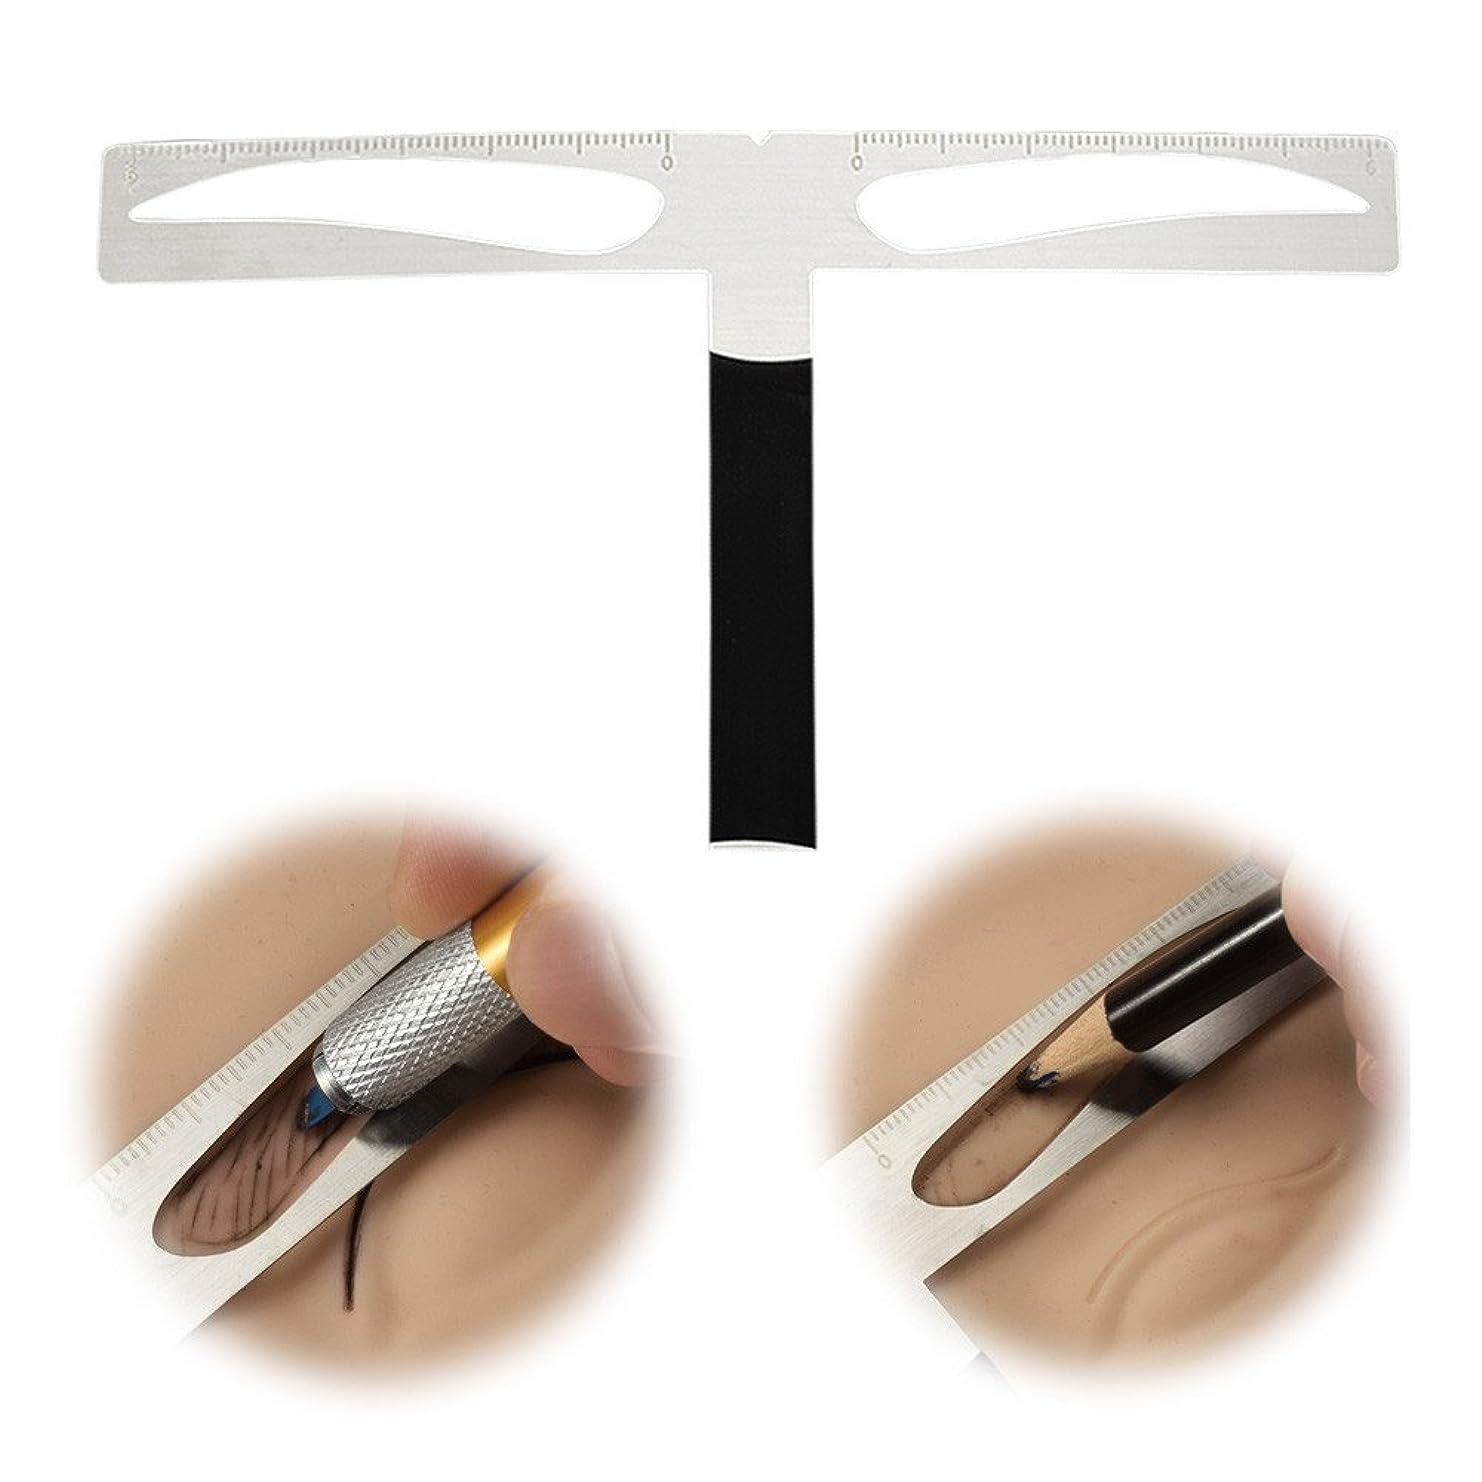 誤解を招くきつくこどもセンターATOMUS眉毛の定規 DIYの眉毛テンプレート ステンシ ステンレス メイク アップ アイブローテンプレート 入れ墨の眉ツール 全3種類 (#02)